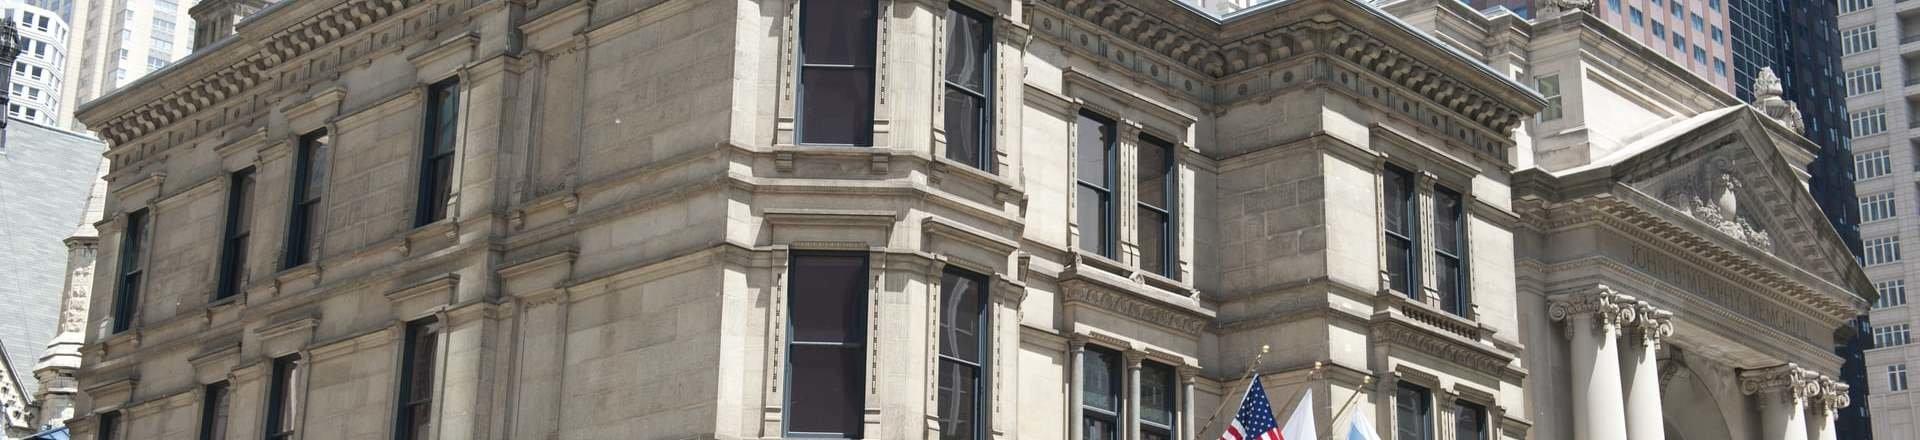 Hoteles en chicago baratos desde 791 destinia for Hoteles en chicago